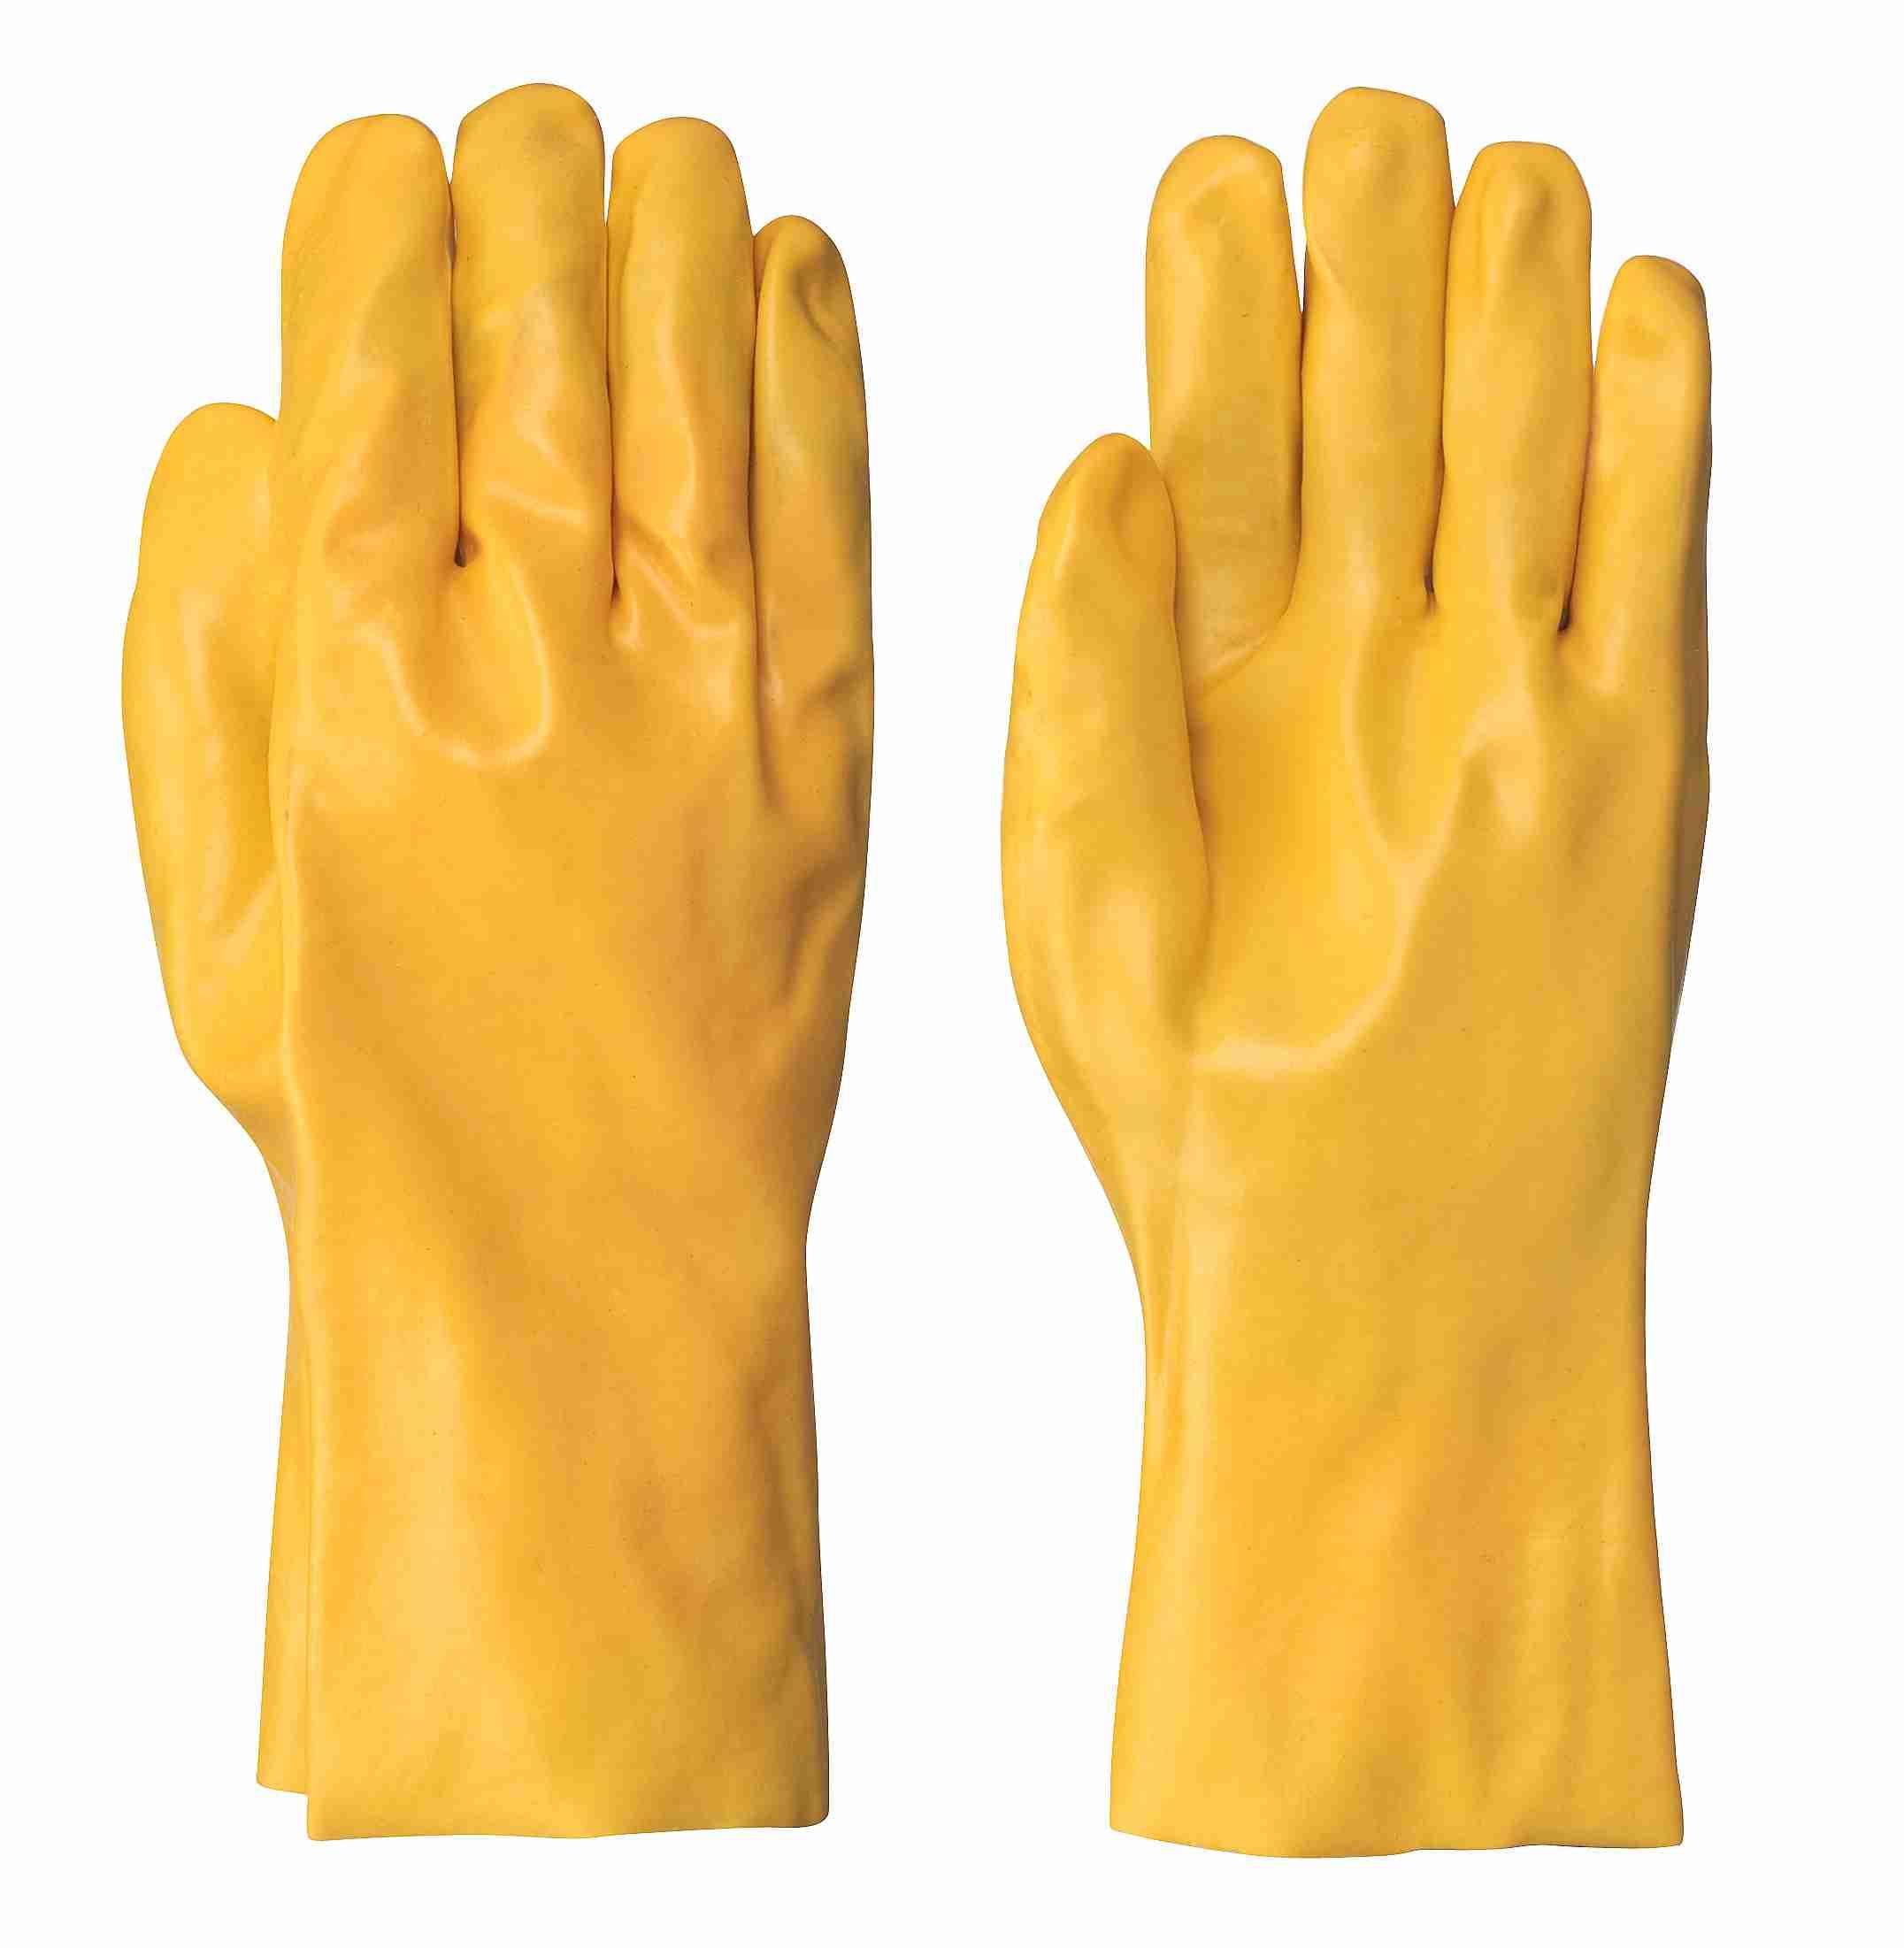 Handjob leather glove cum Mature Moms TV